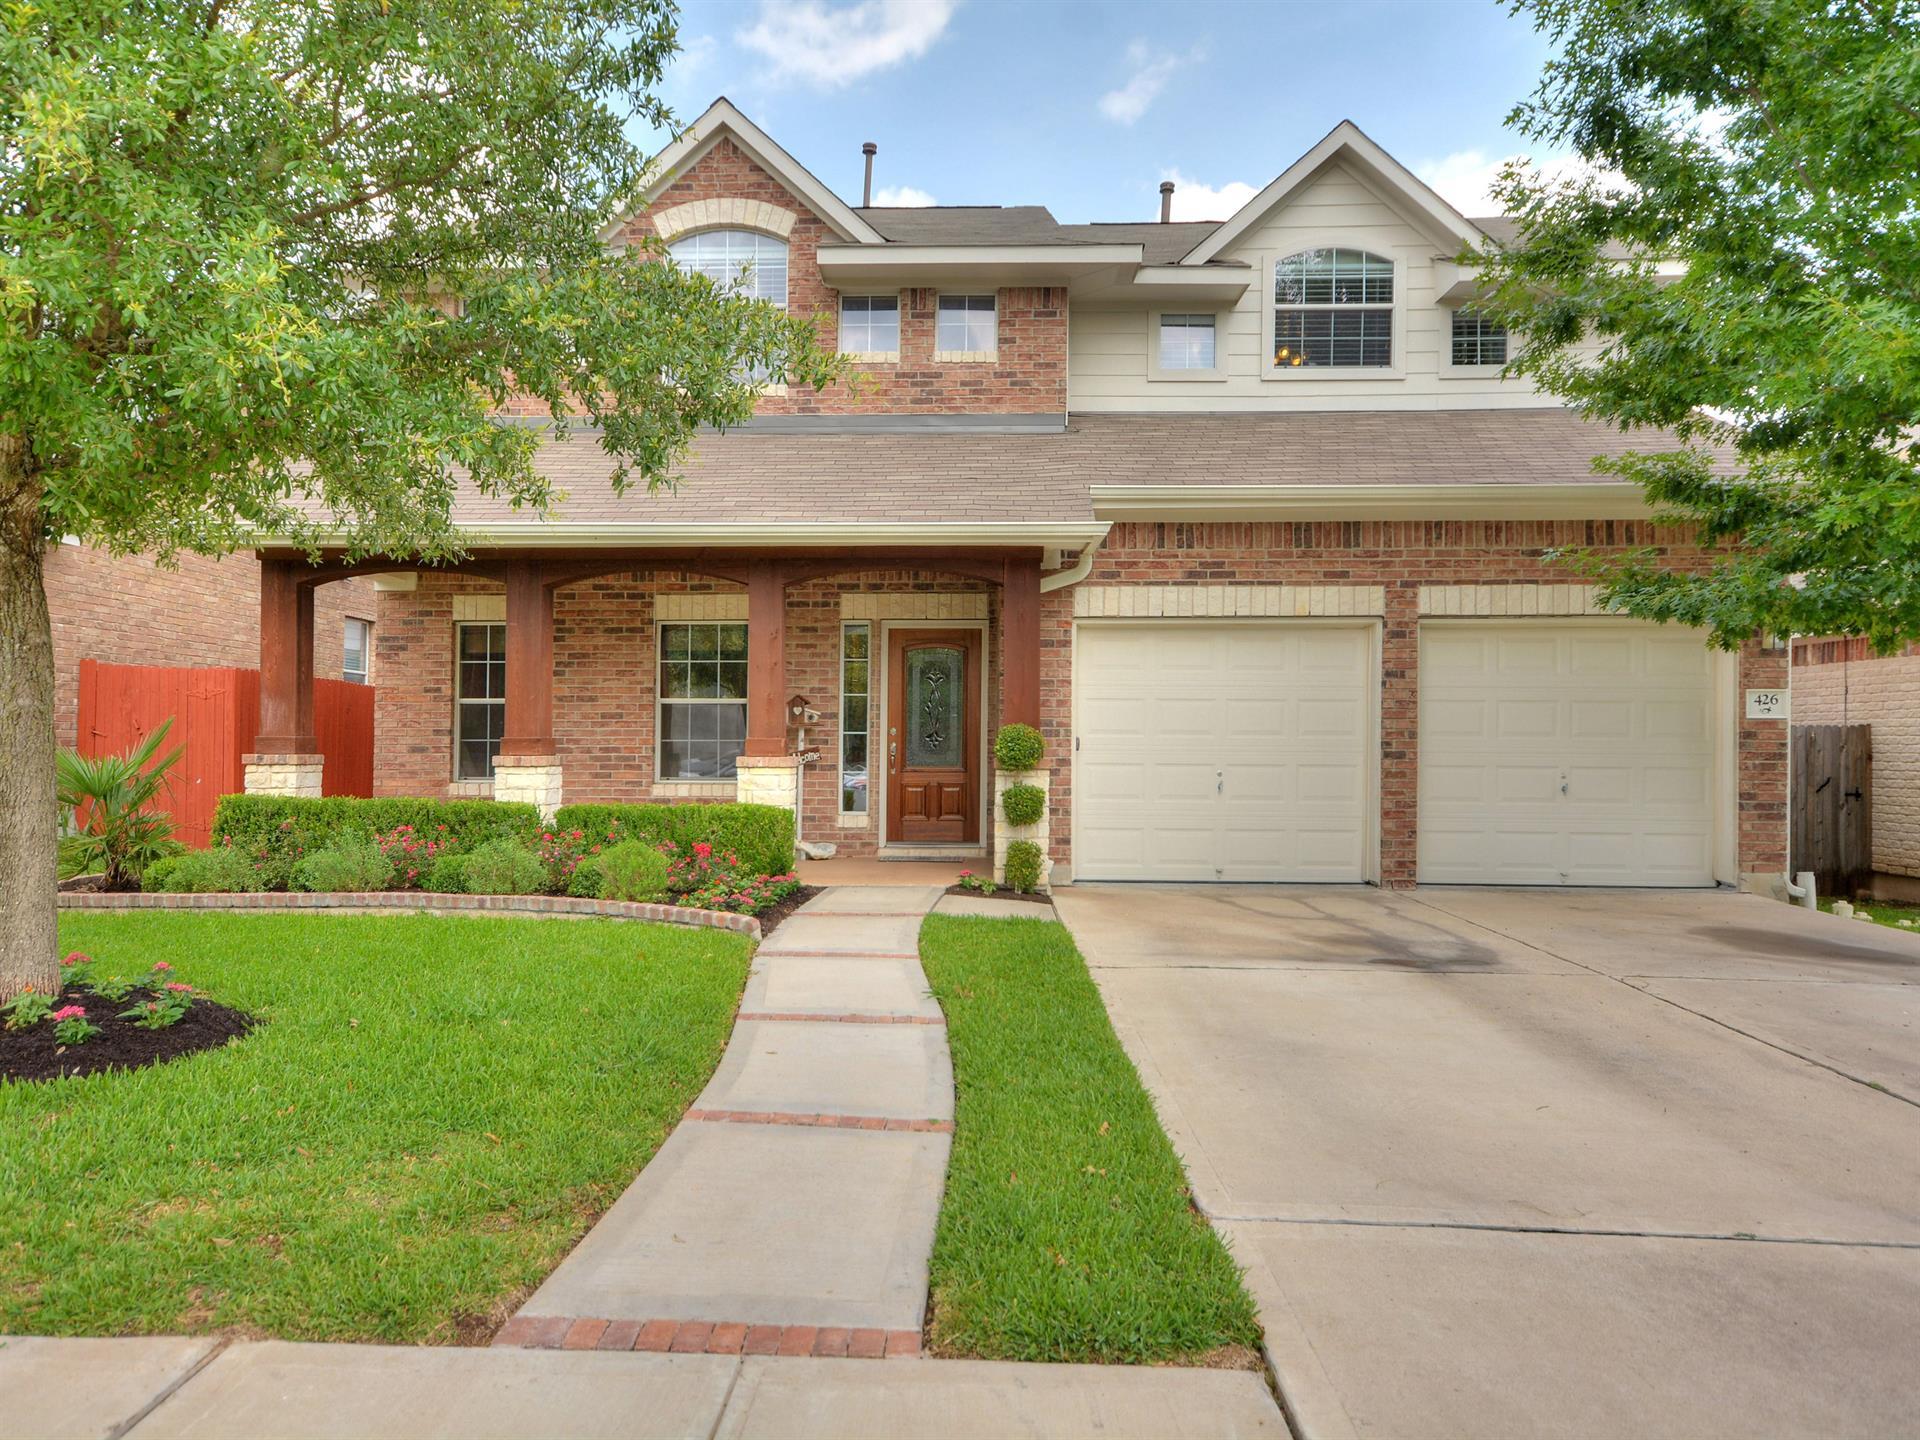 Casa por un Venta en 426 Valona Loop 426 Valona Loop Round Rock, Texas 78681 Estados Unidos